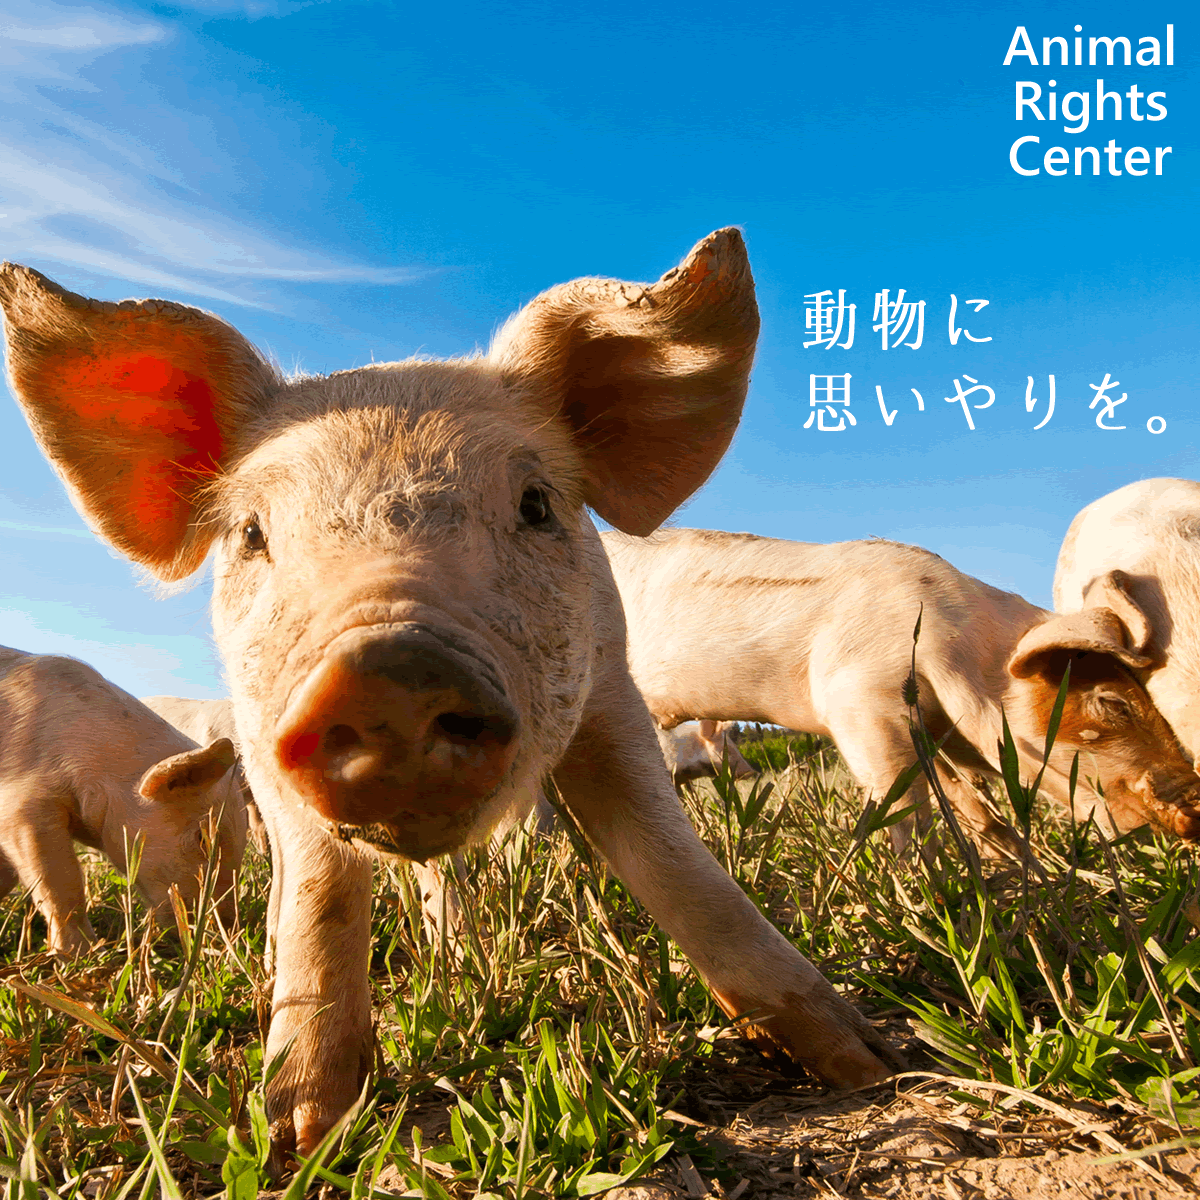 動物実験に反対するサイト | NPO法人アニマルライツセンター 毛皮、動物実験、動物虐待、工場畜産、犬猫殺処分などをなくしエシカルな社会へ